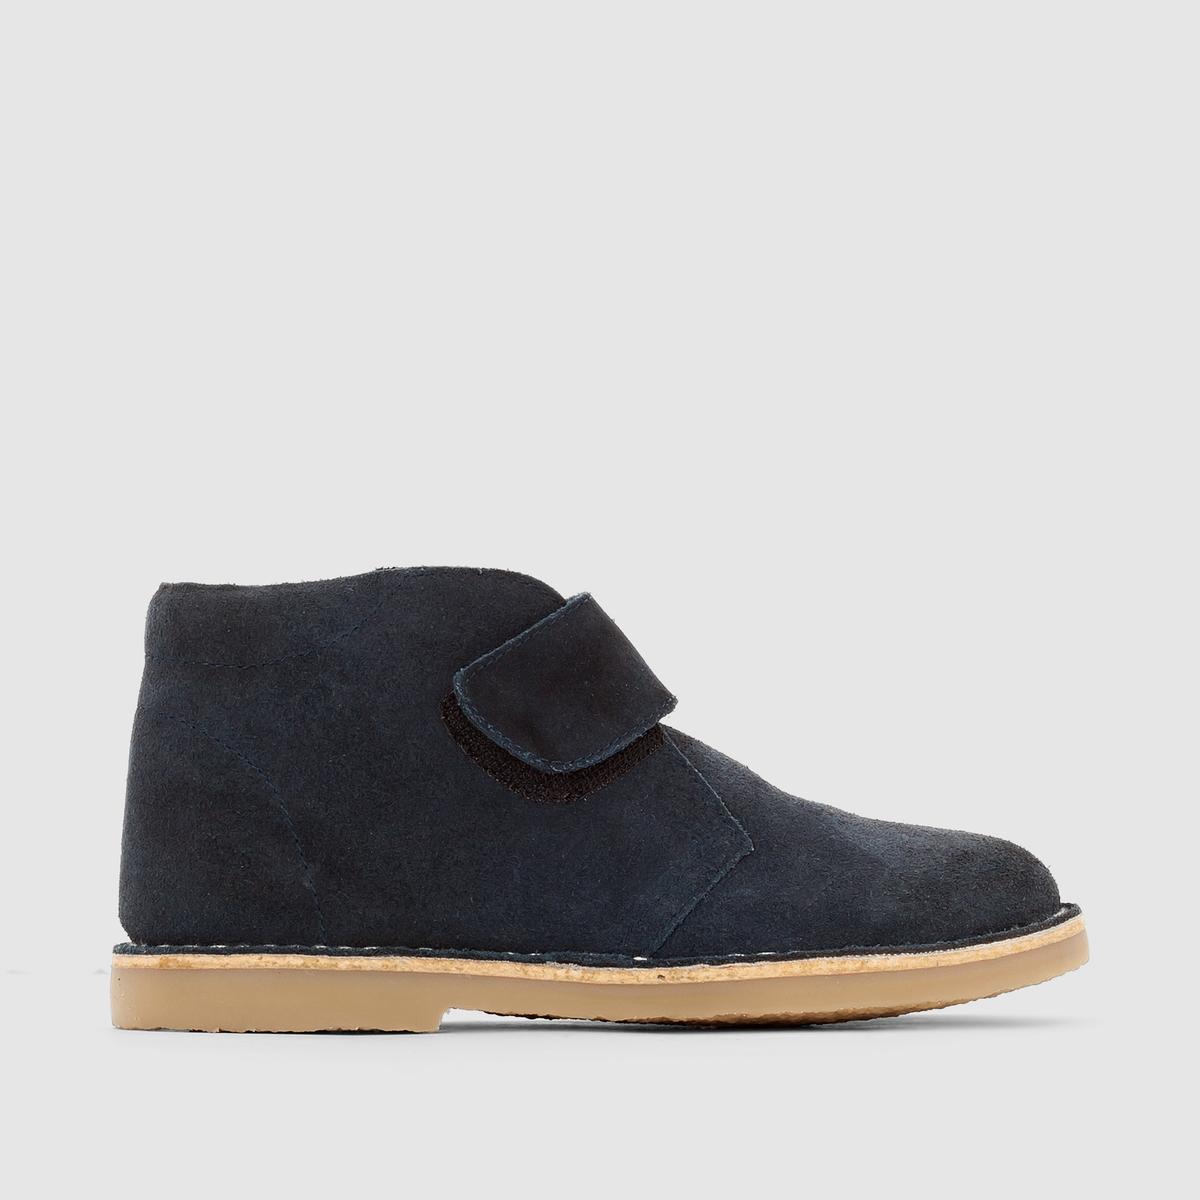 Ботинки кожаные с застежкой на планки-велкроПреимущества: удобные и стильные ботинки из спилка с застежкой на планки-велкро и имитацией каучука на подошве.<br><br>Цвет: темно-синий<br>Размер: 27